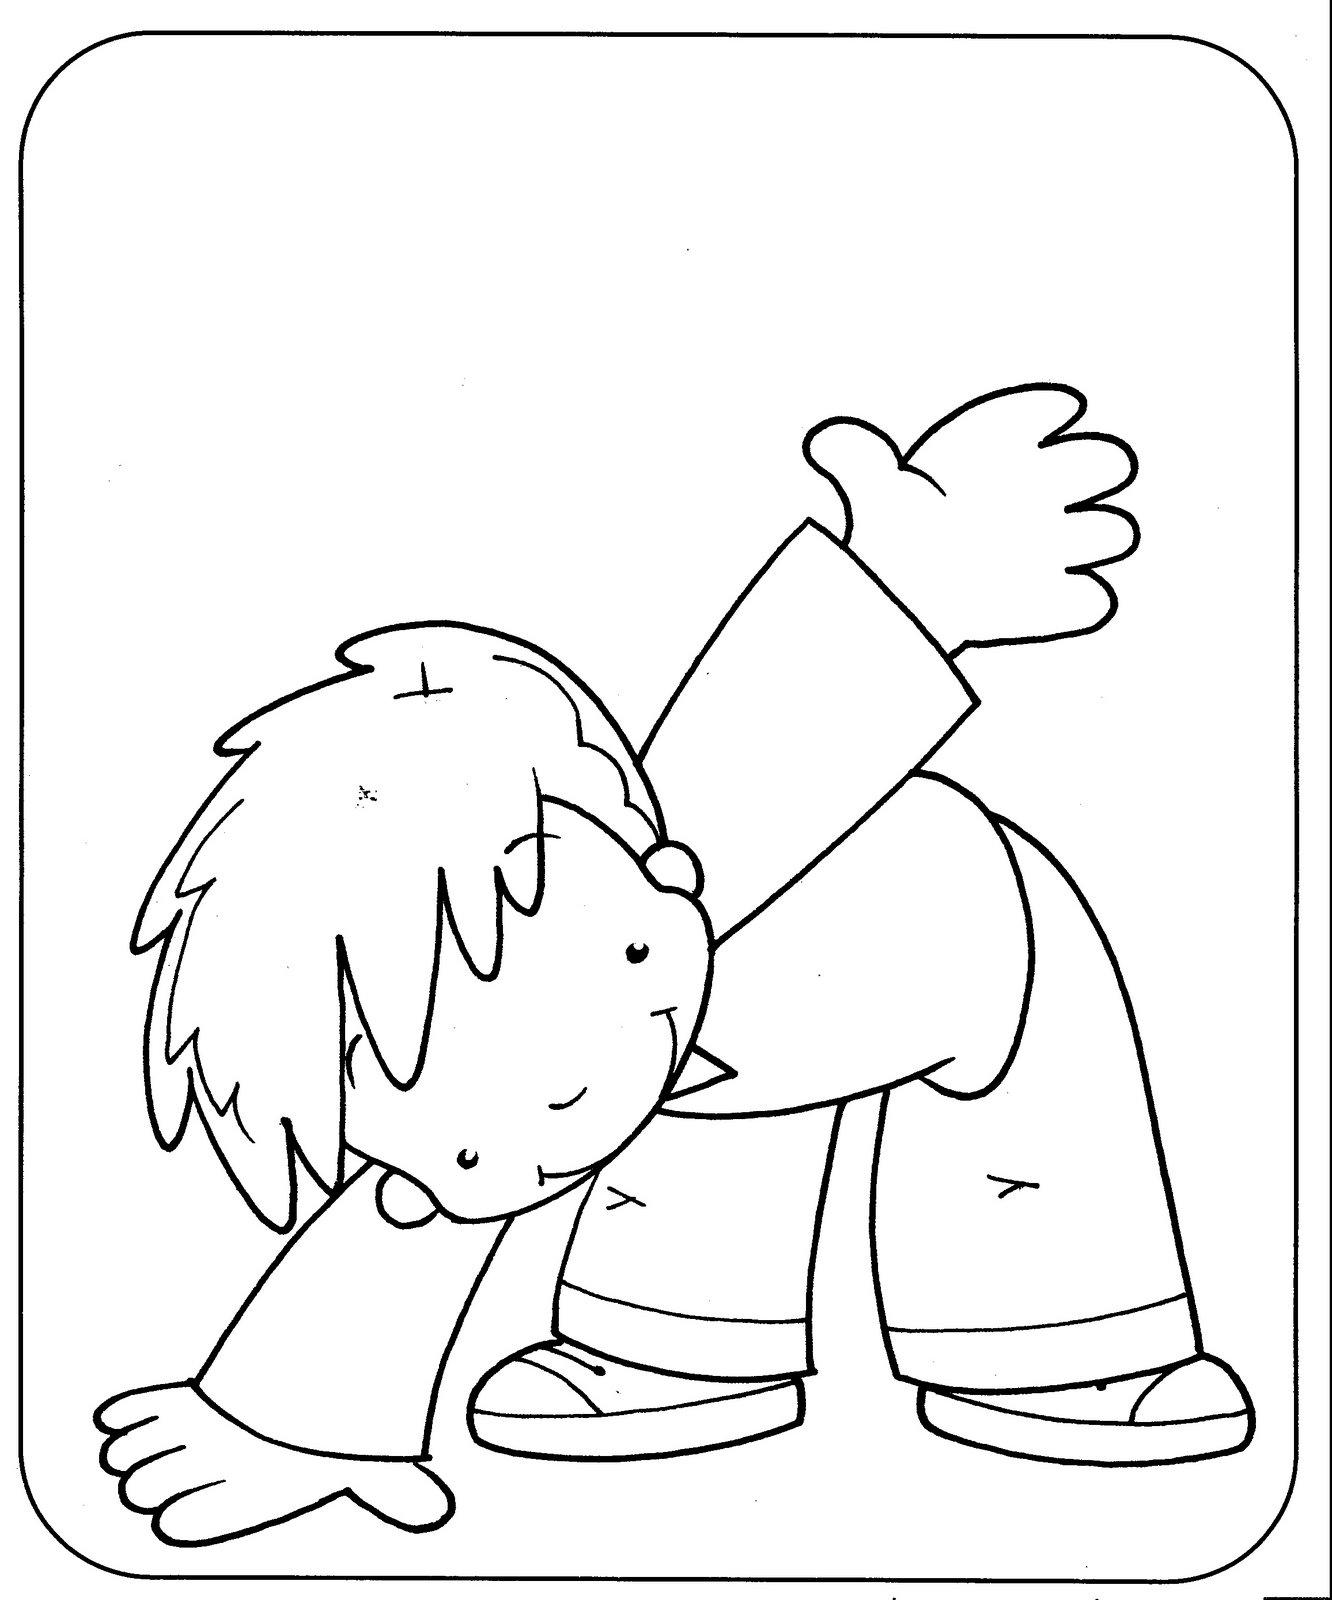 El rincon de la infancia:  Rutinas Diarias (Dibujos )